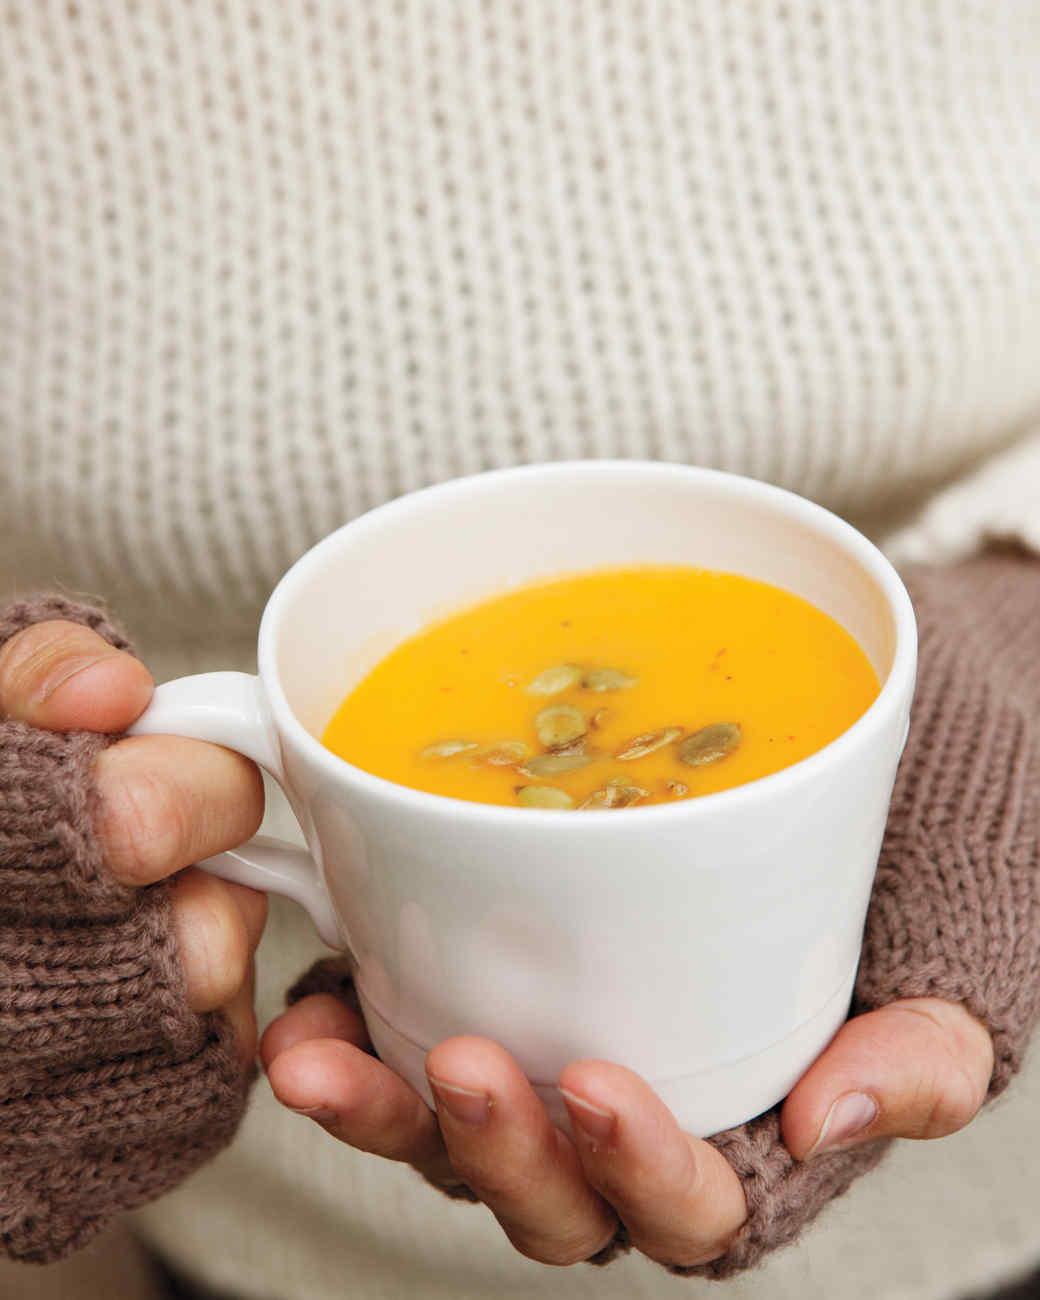 sweet-potato-soup-1011mld106819.jpg